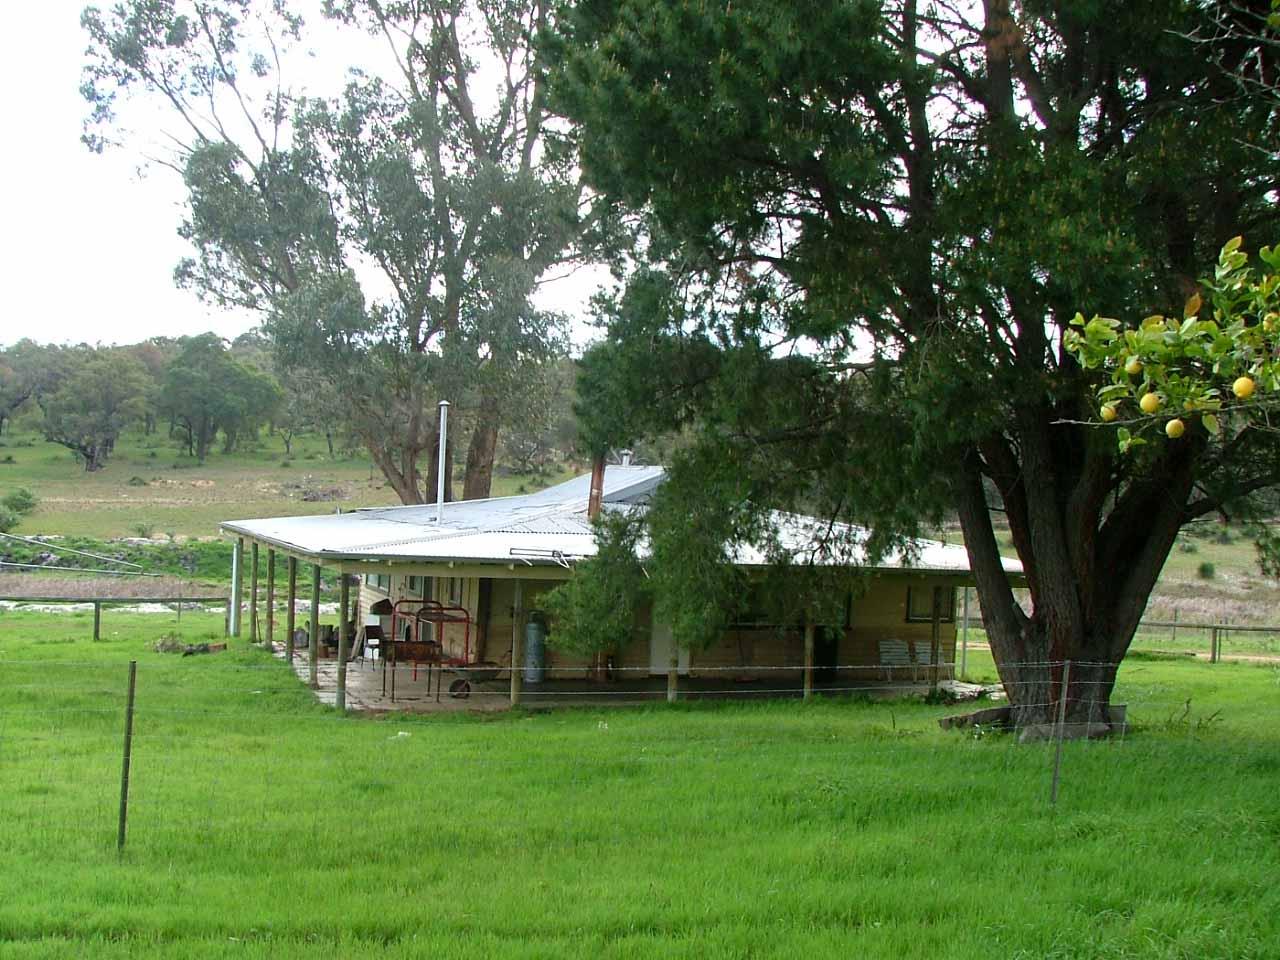 Sh_-_Il_nostro_rifugio_-_our_shelter